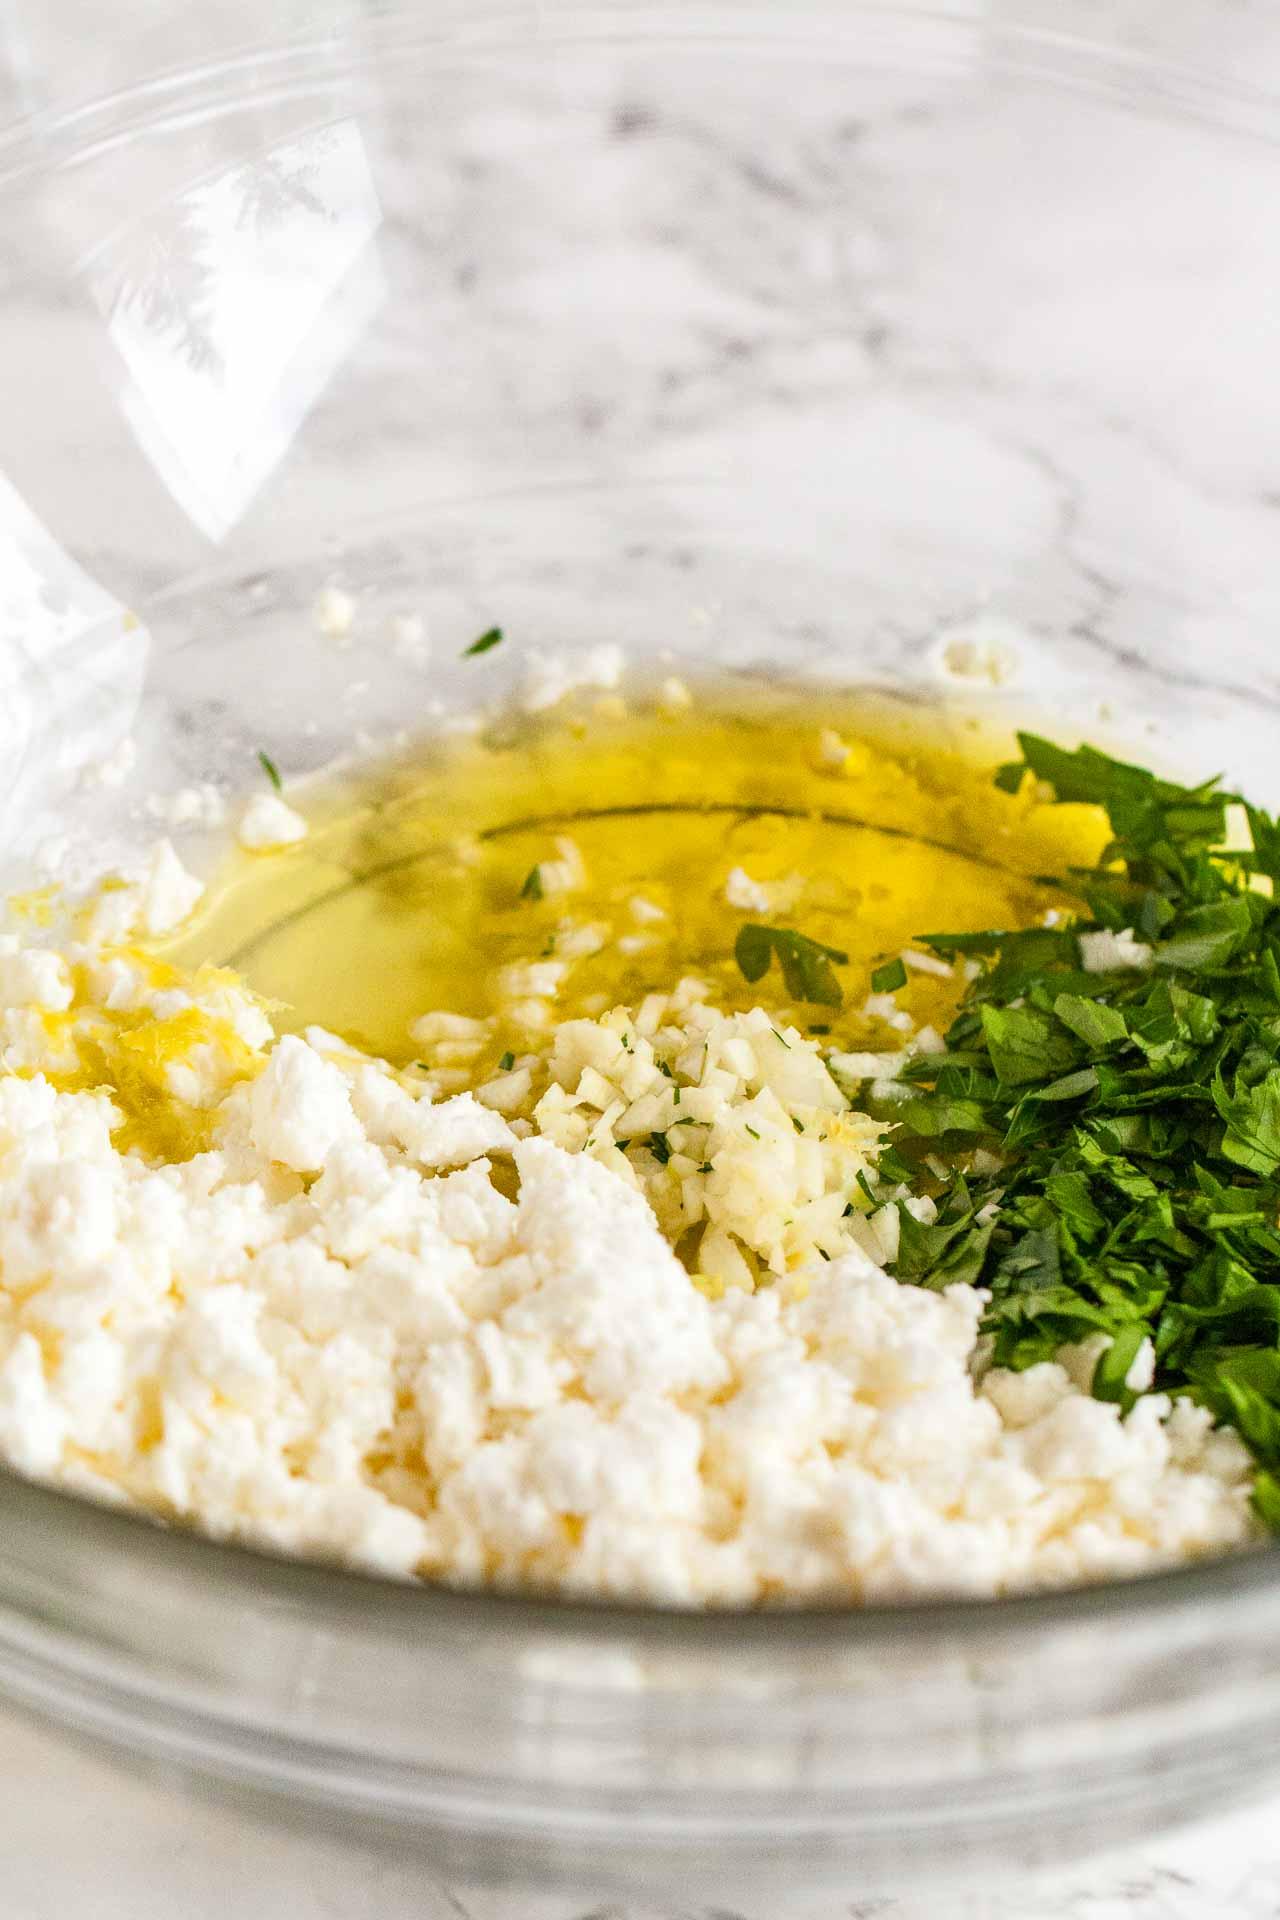 Feta, Garlic, Lemon, and Lemon Dressing for Boiled Potatoes